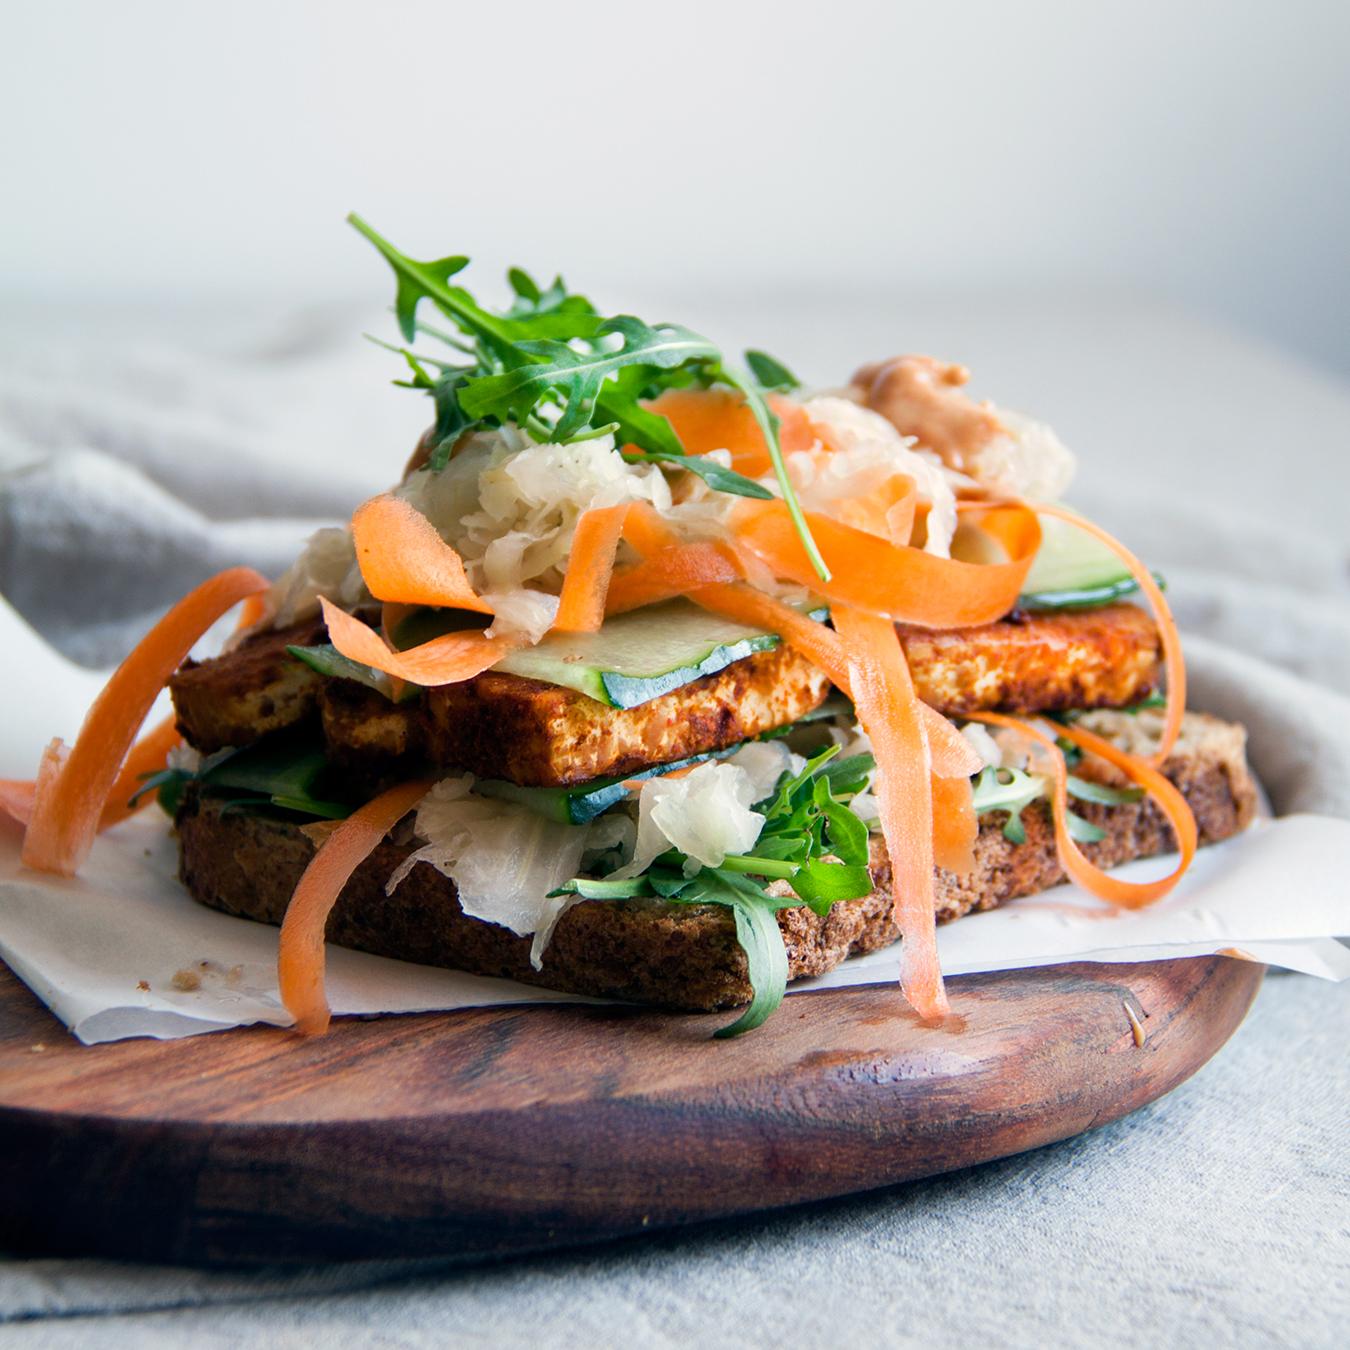 tempeh-reuben-sandwich-vegan-whole-foods-olievrij-02.jpg